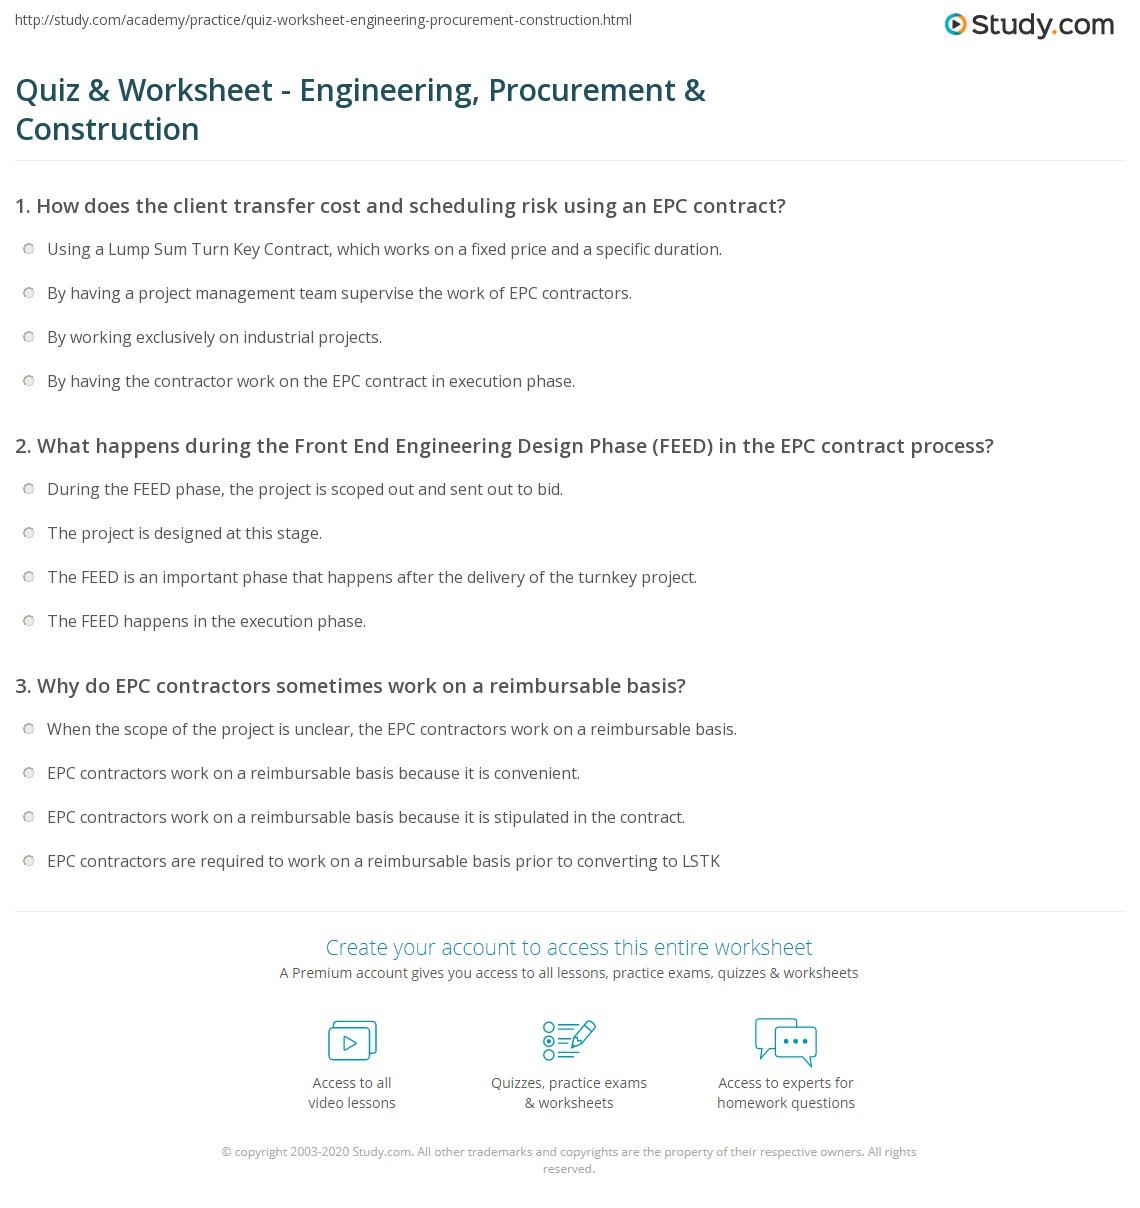 Quiz & Worksheet - Engineering, Procurement & Construction